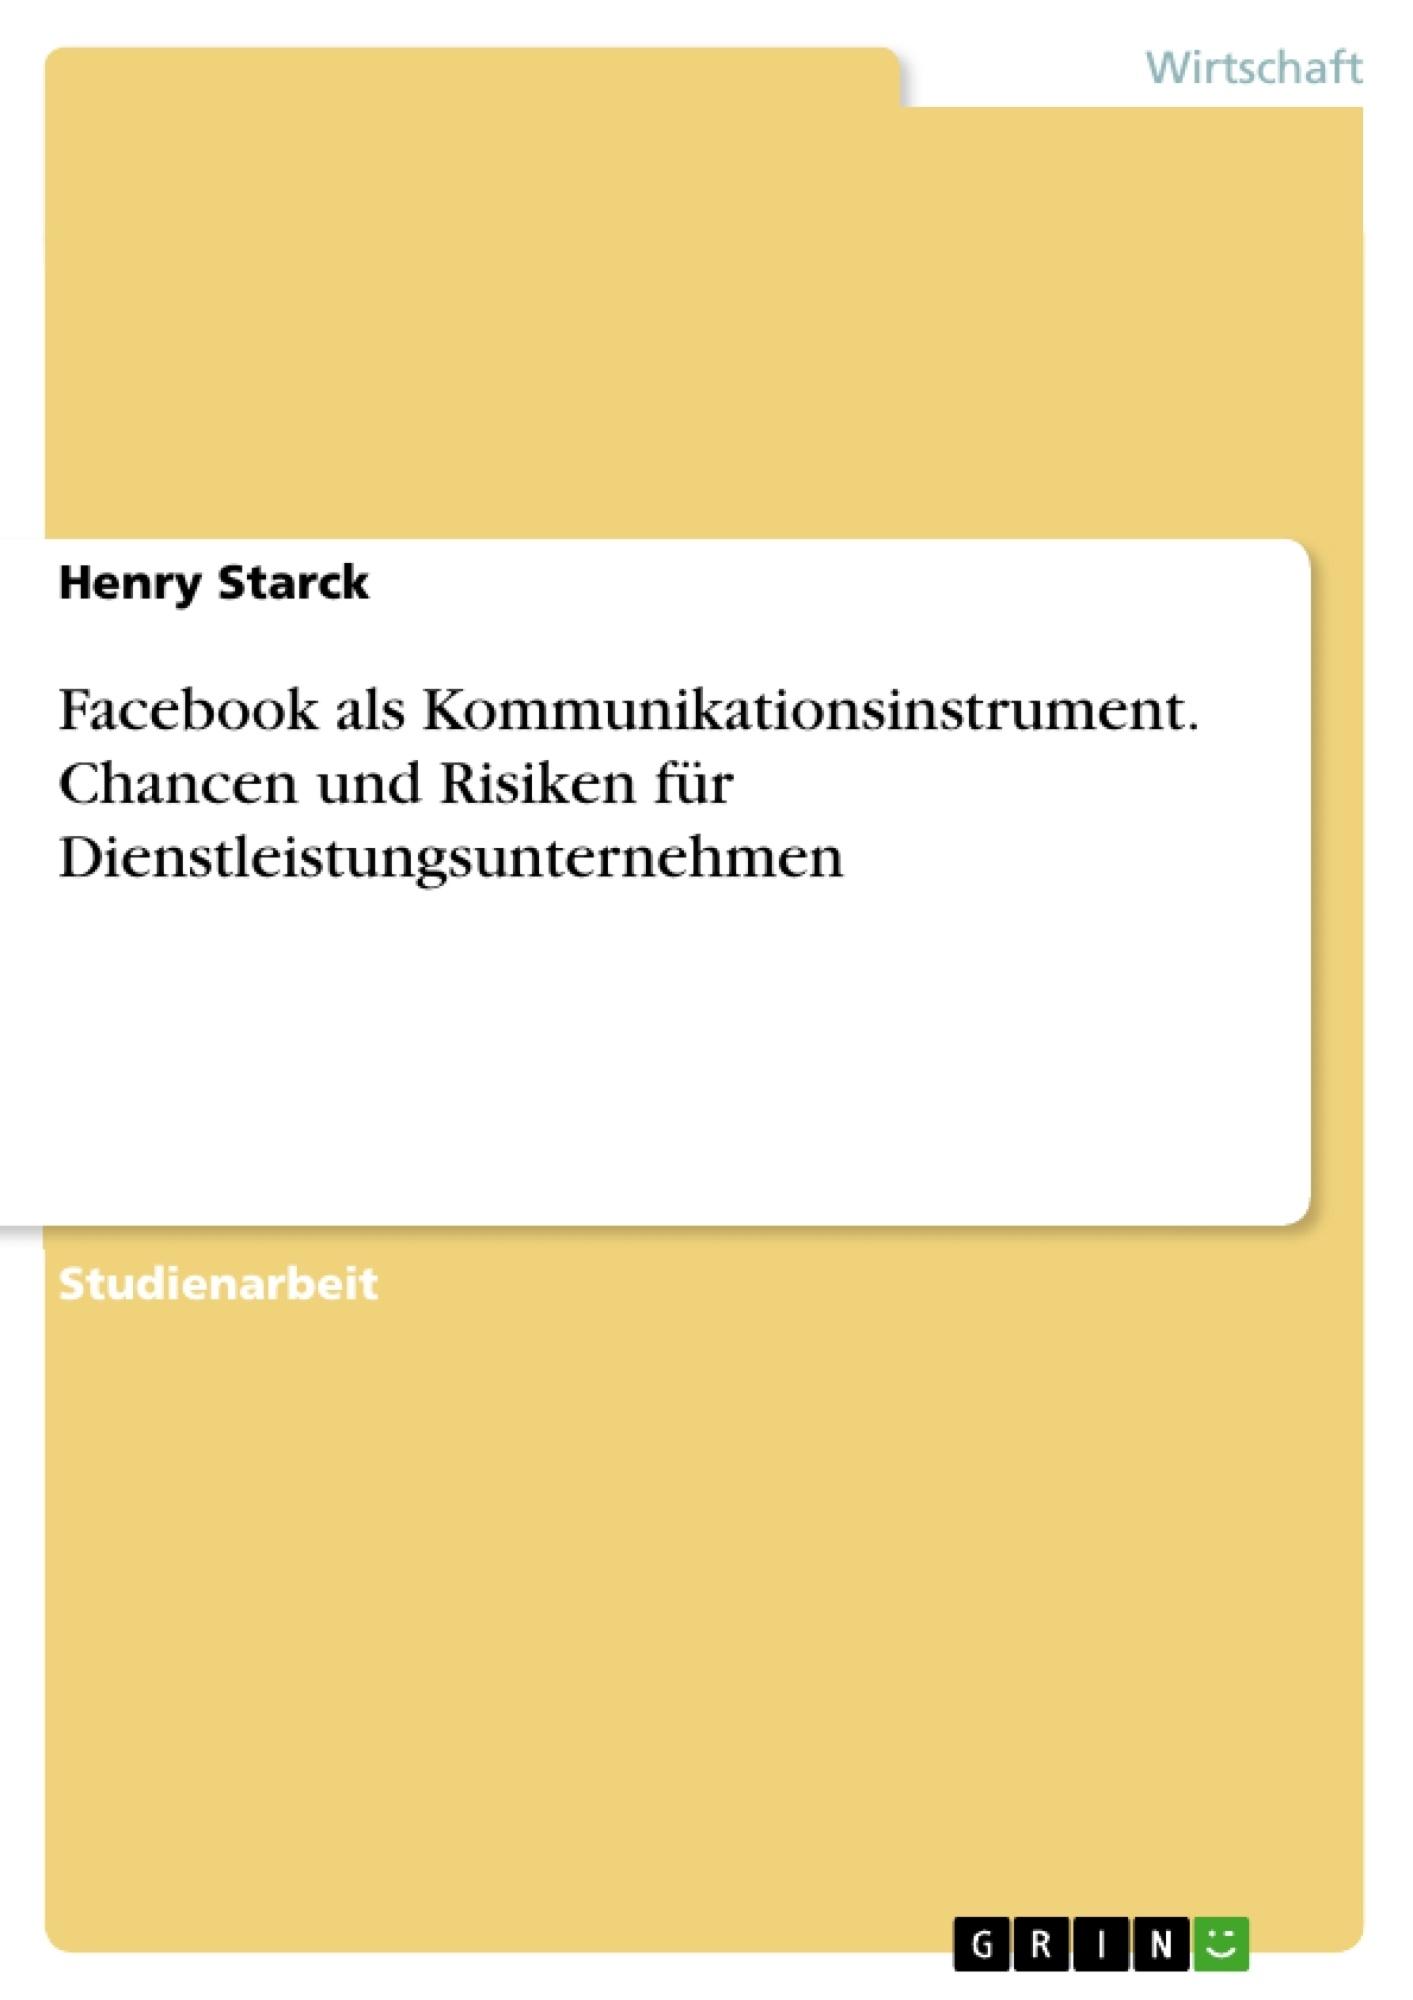 Titel: Facebook als Kommunikationsinstrument. Chancen und Risiken für Dienstleistungsunternehmen